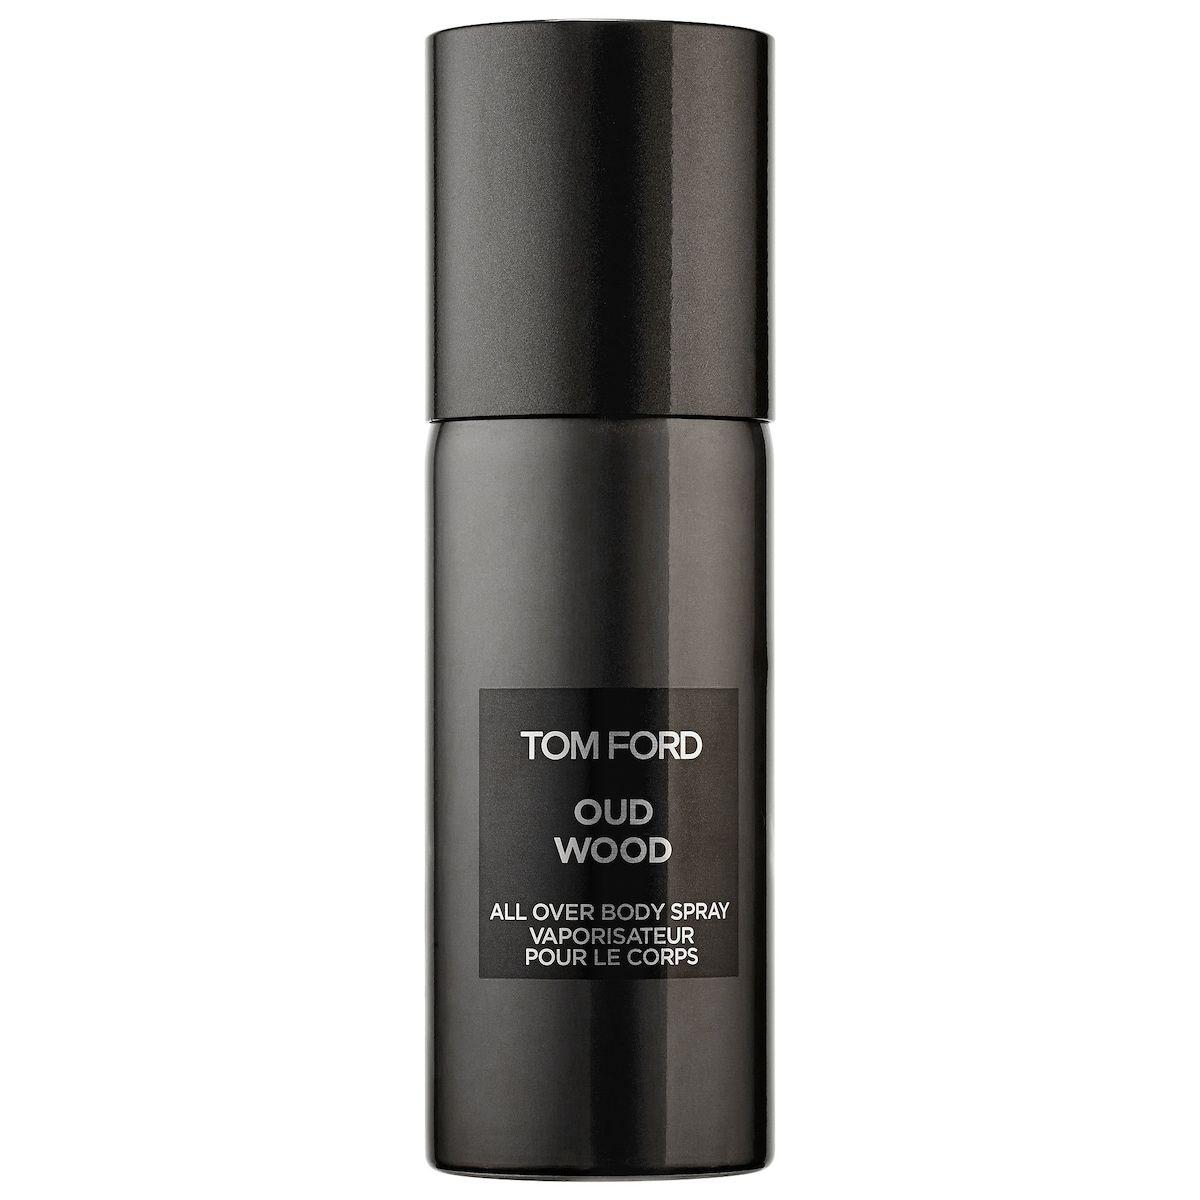 Tom Ford Oud Wood Body Spray